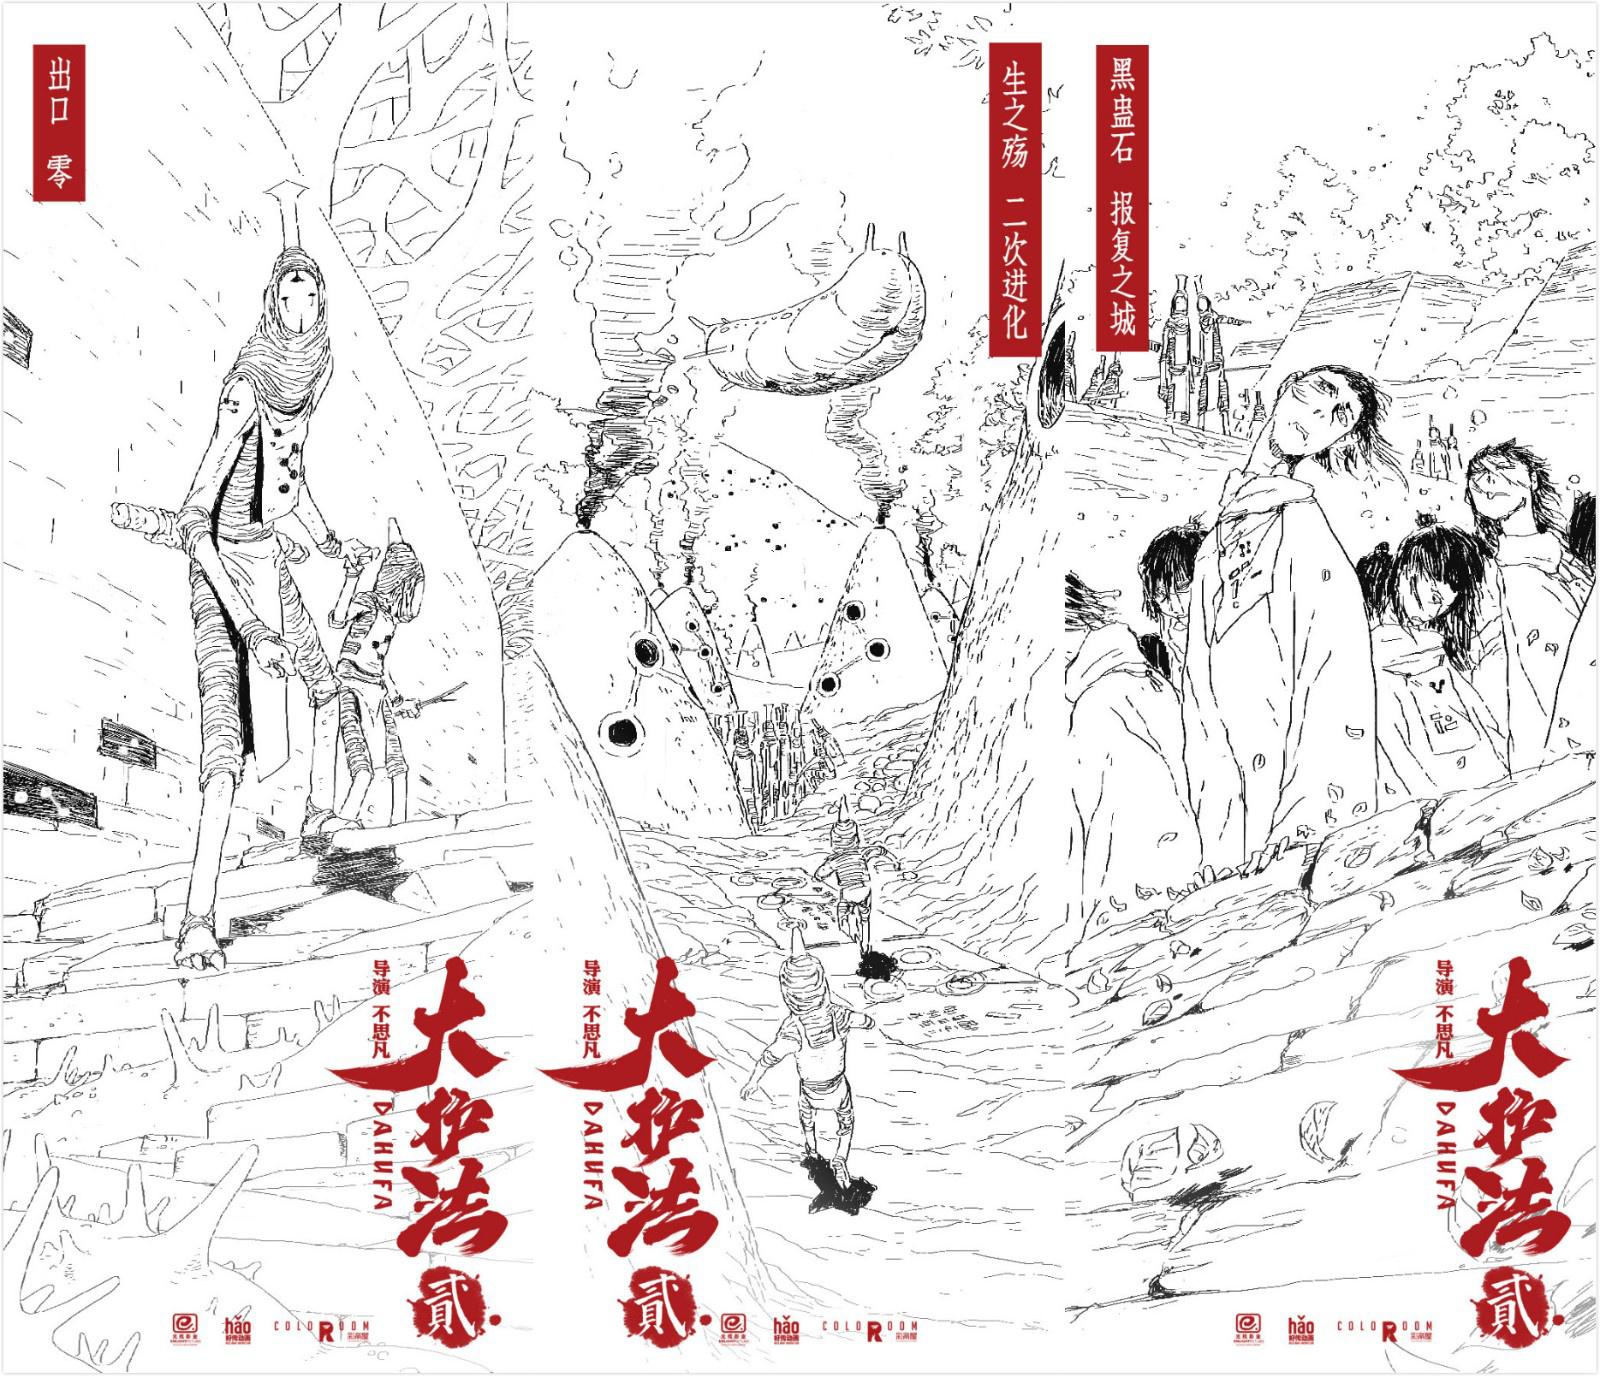 联博开奖网:《大理寺日志》筹备续集 你体贴的国漫动态来了 第5张